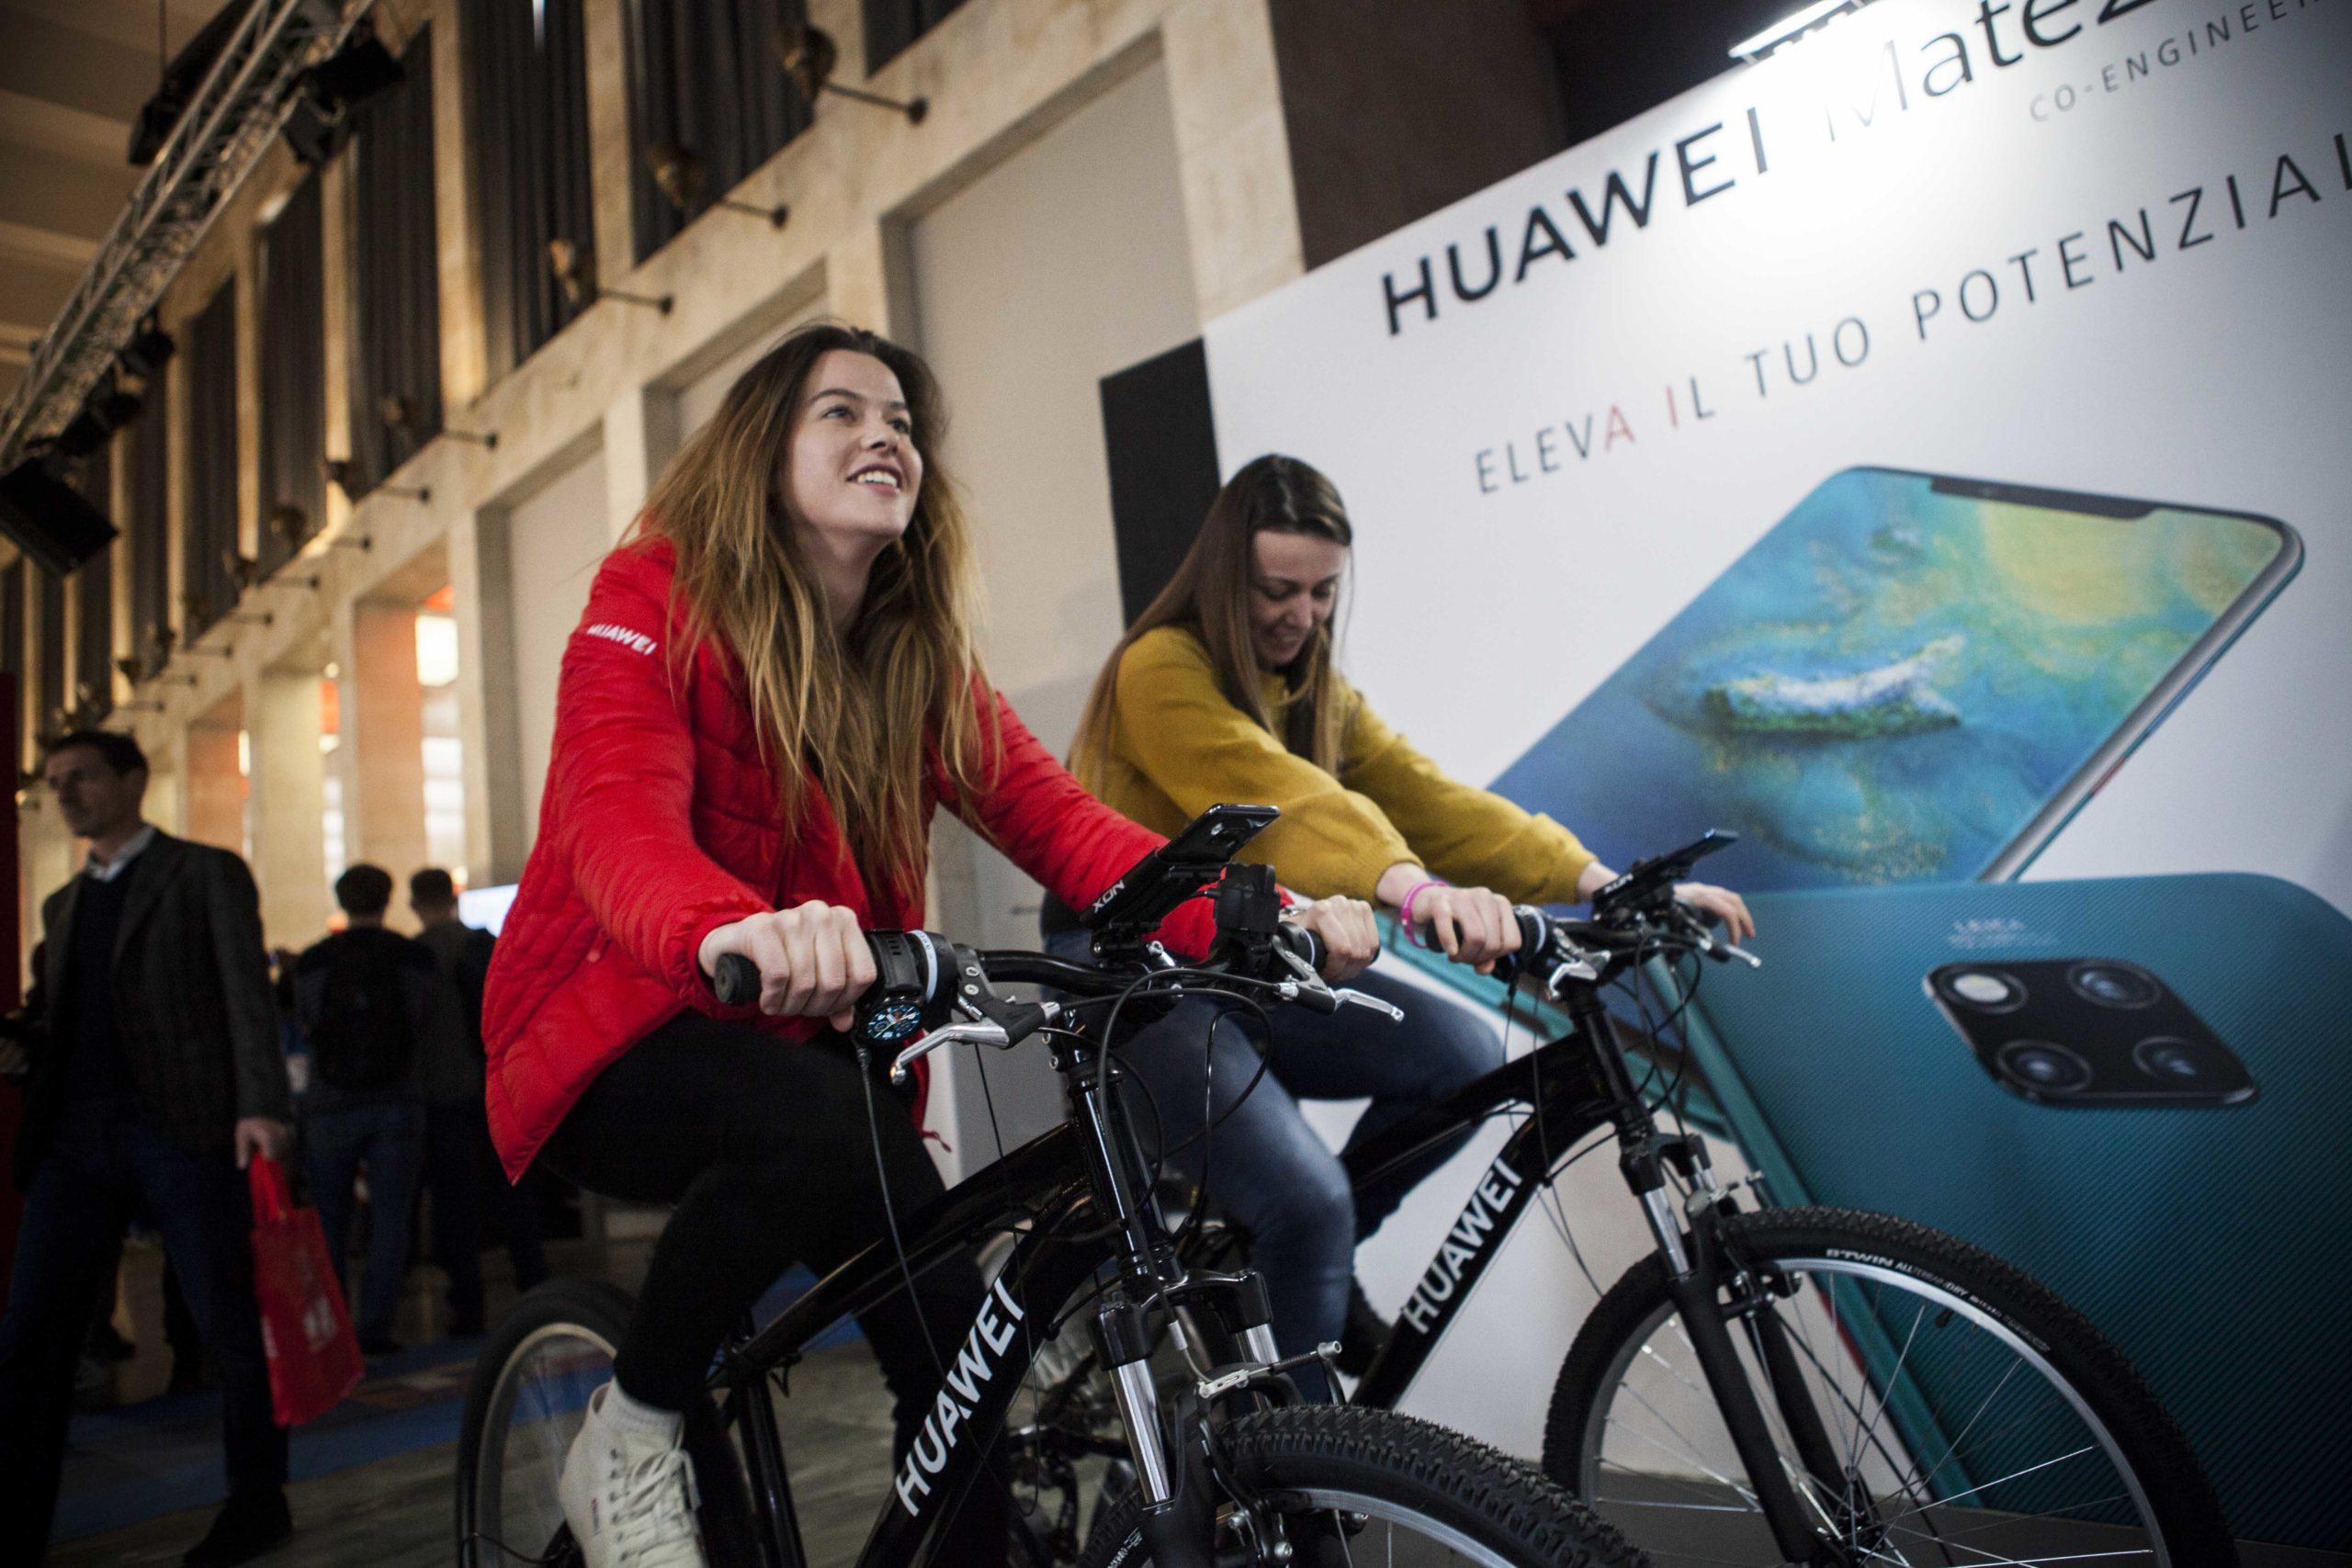 Bici smart Huawei